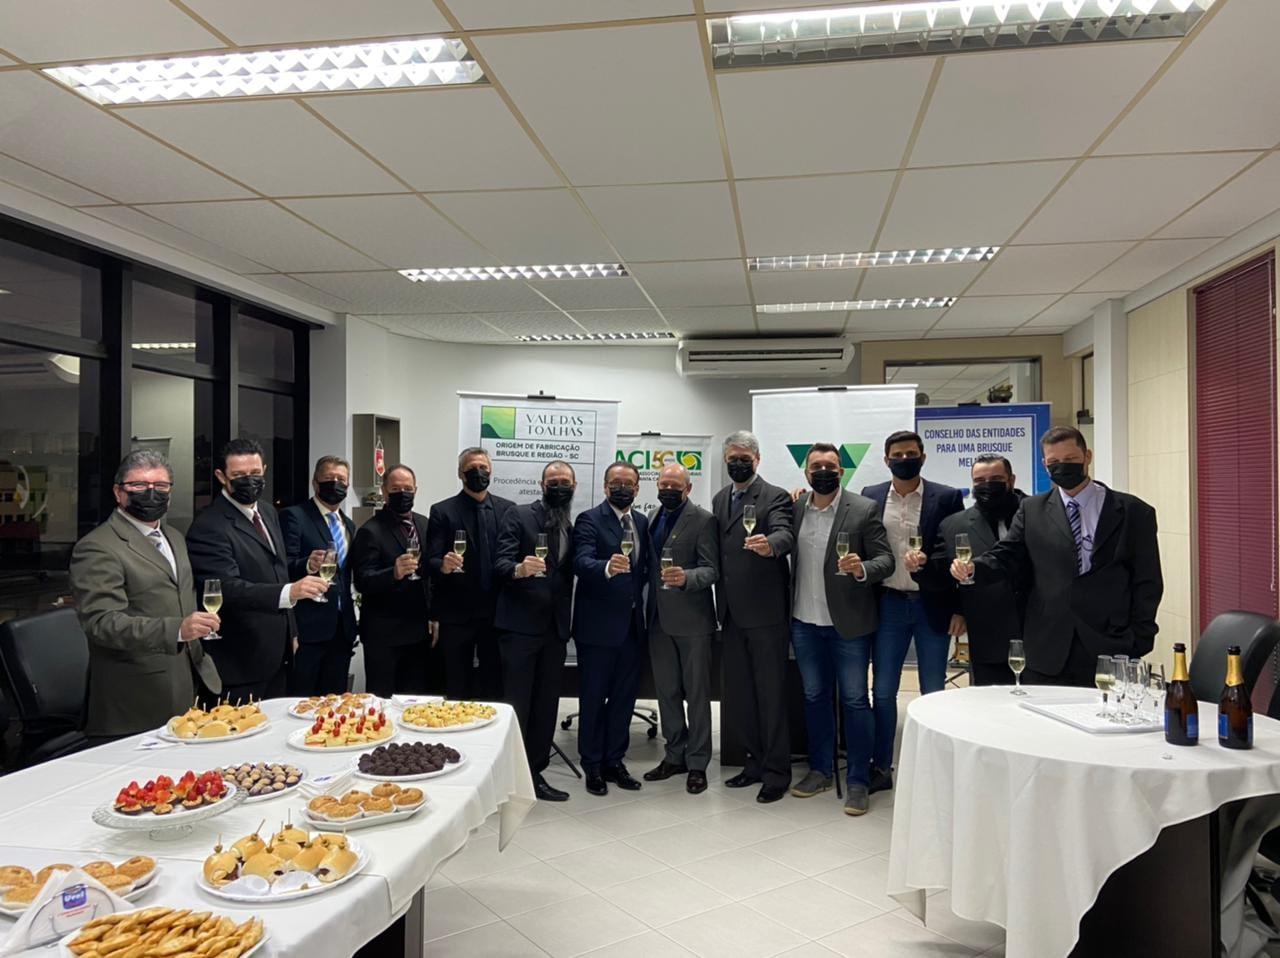 Núcleo de Fabricantes de Toalhas é finalista de prêmio nacional